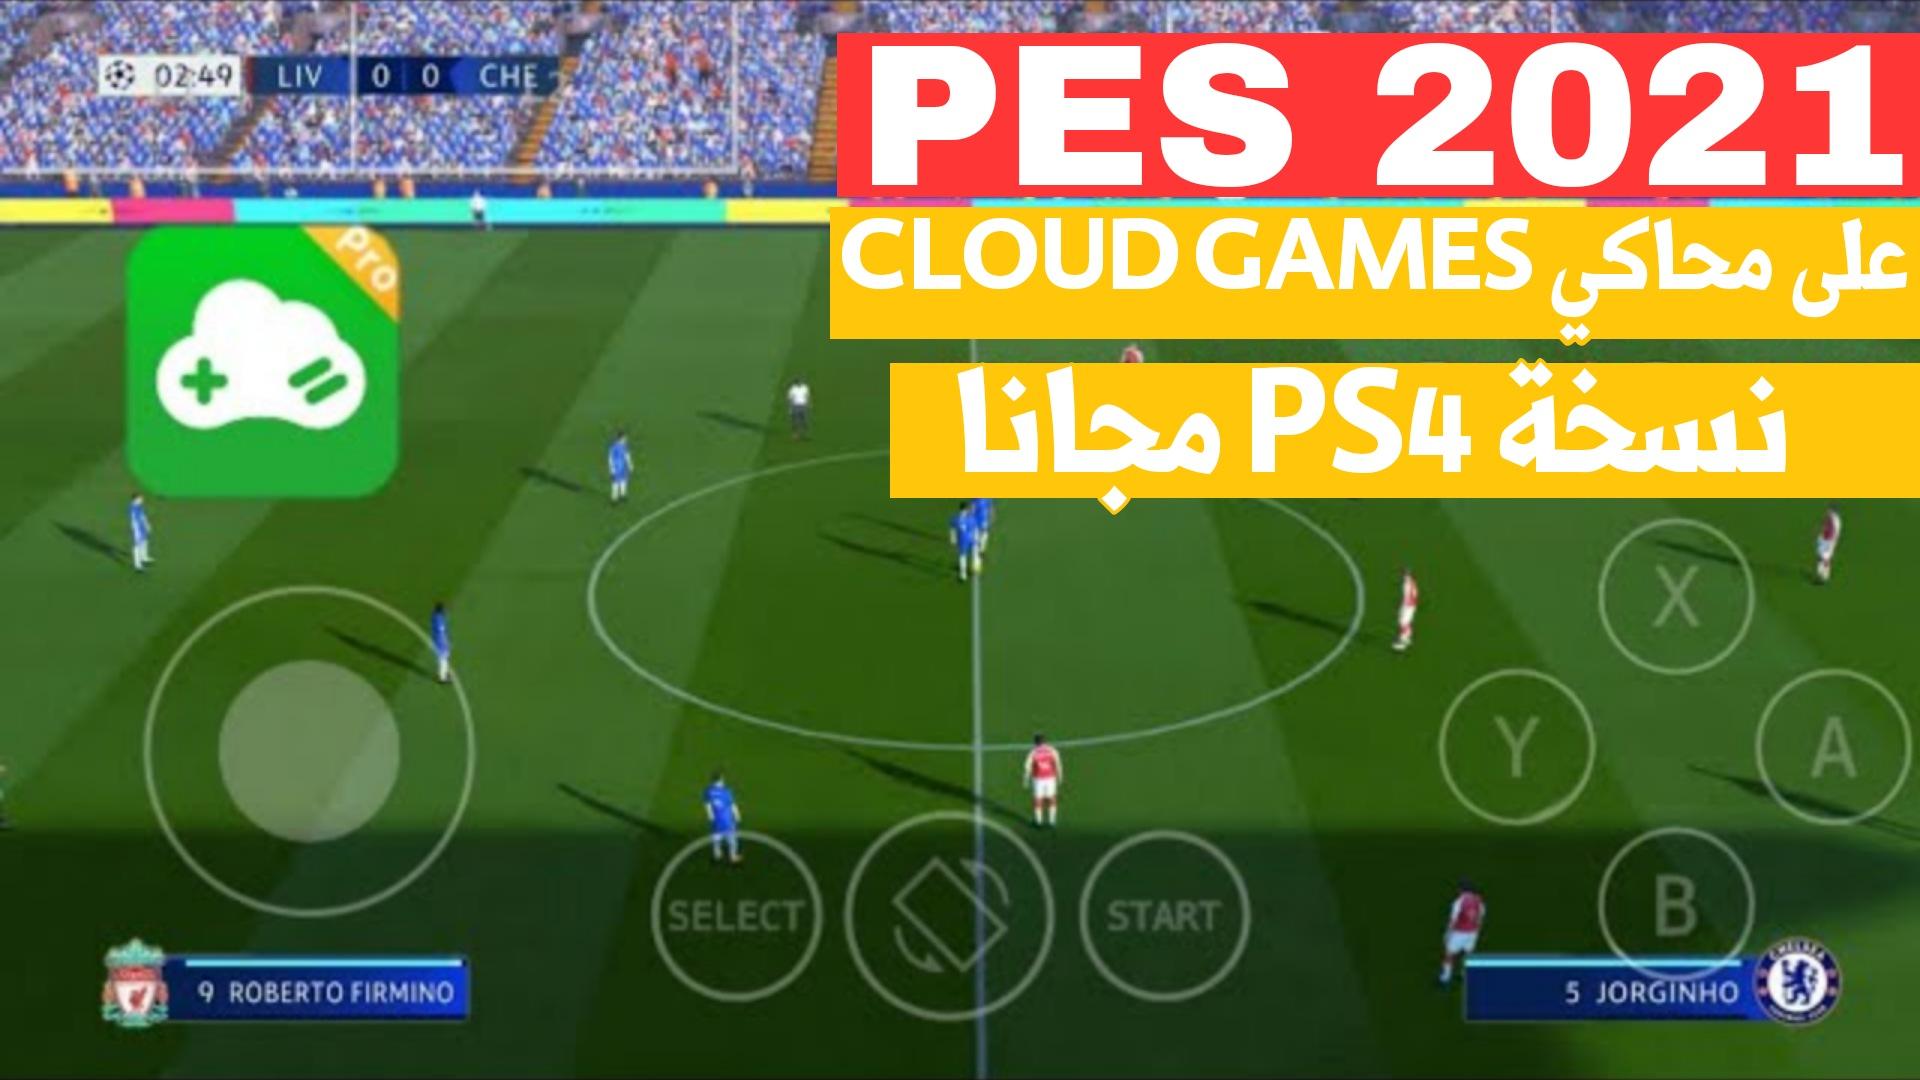 طريقة حصرية لتشغيل العاب البلايستيشن 4 لهواتف الاندرويد | PES 2020 FIFA 20 NARUTO Tutorial XBOX Gloud Games Emulator